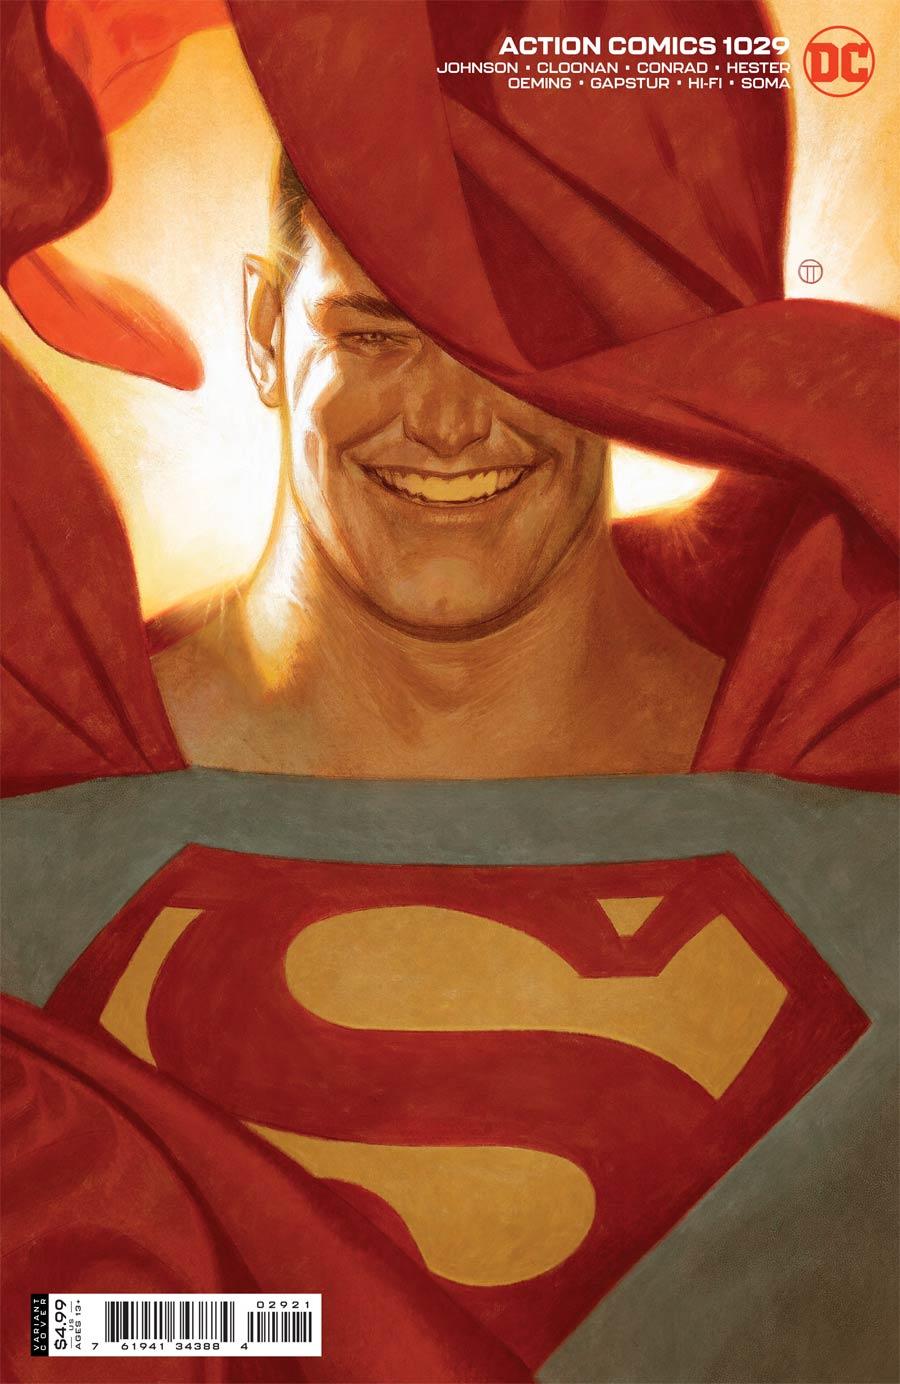 Action Comics Vol 2 #1029 Cover B Variant Julian Totino Tedesco Cover